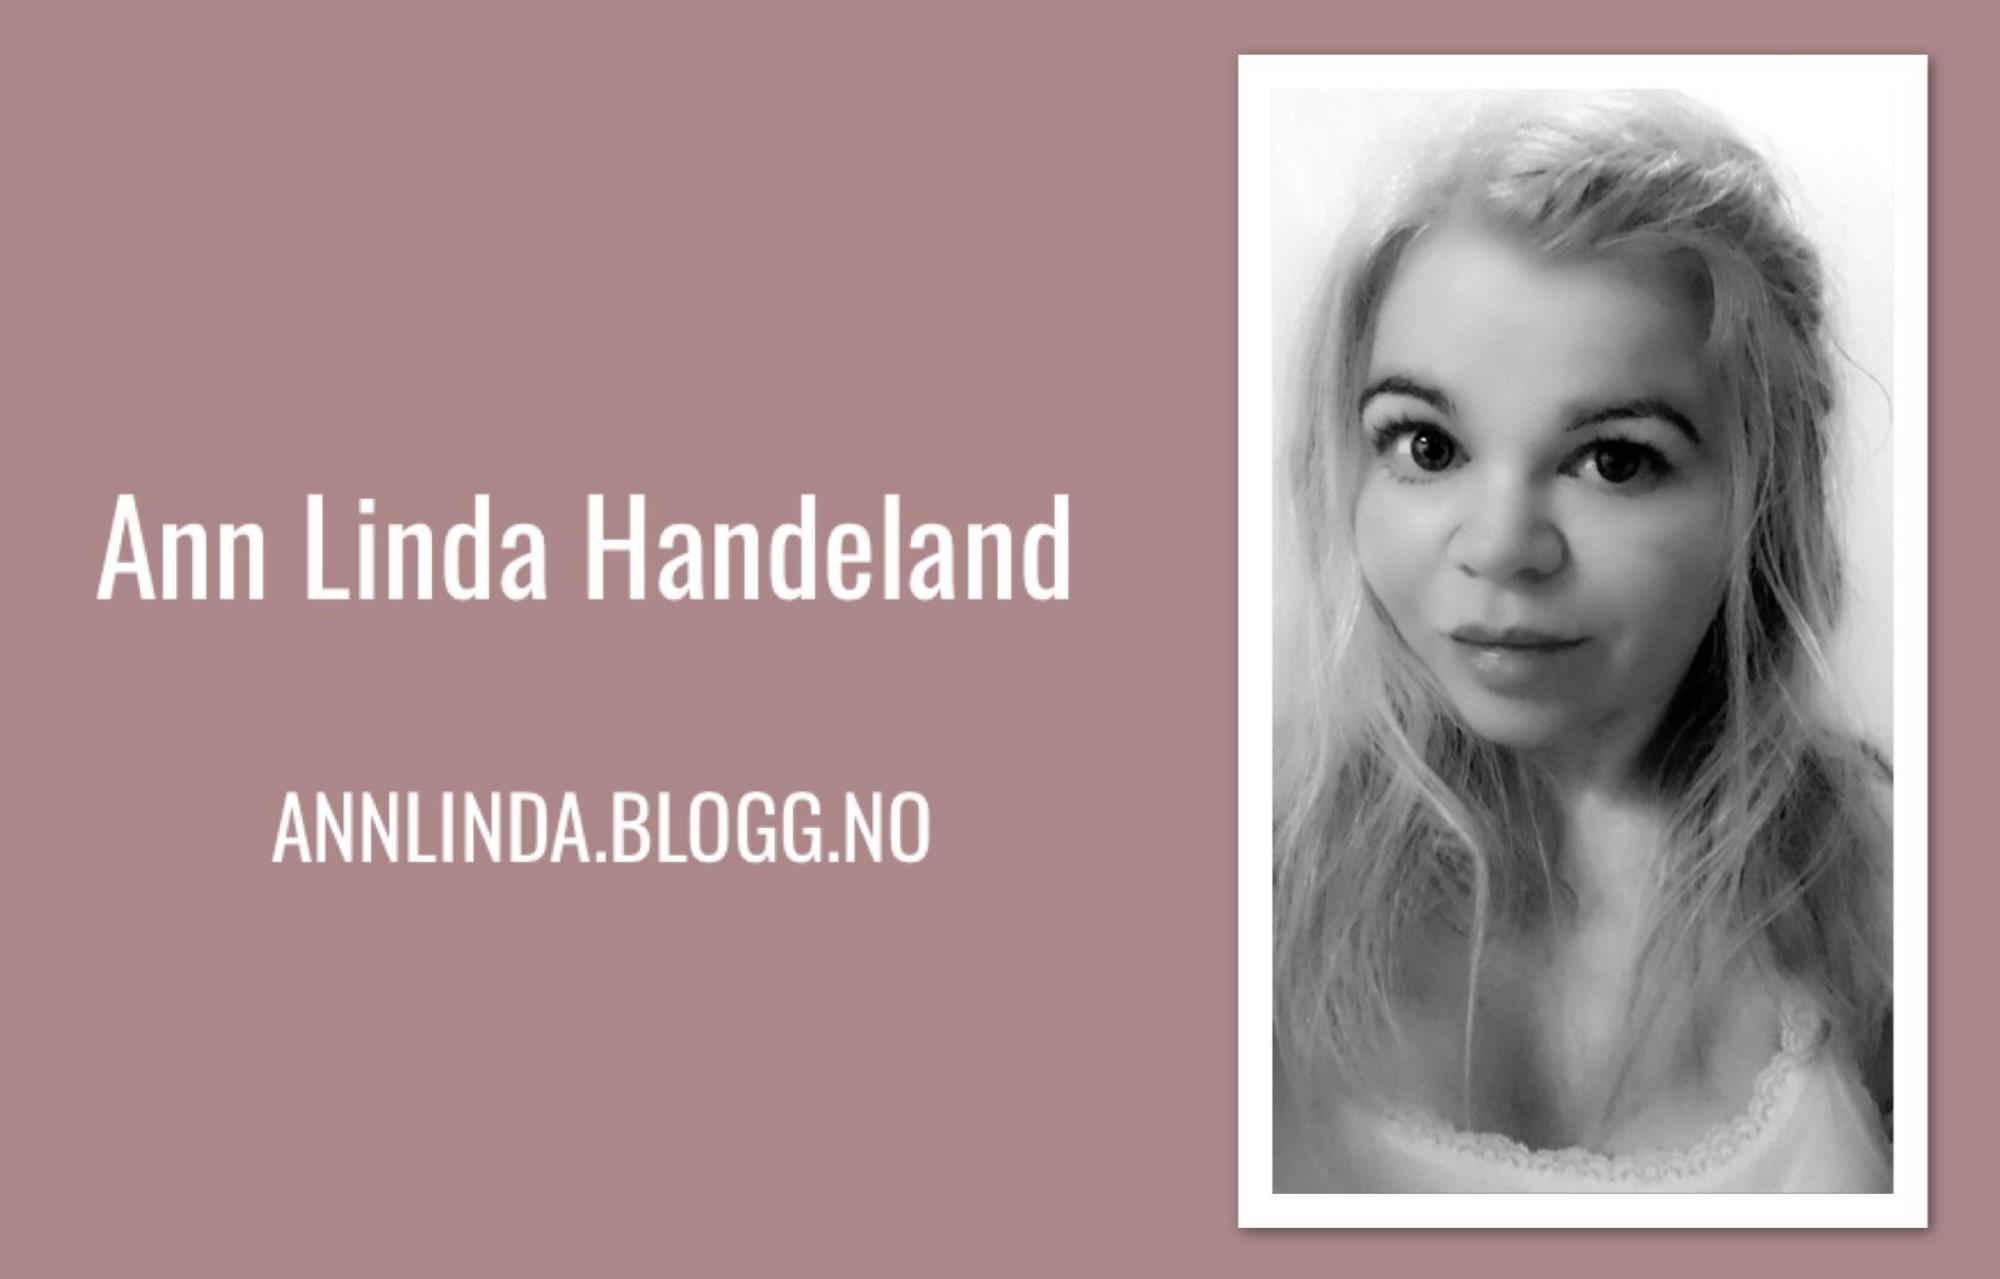 Ann Linda